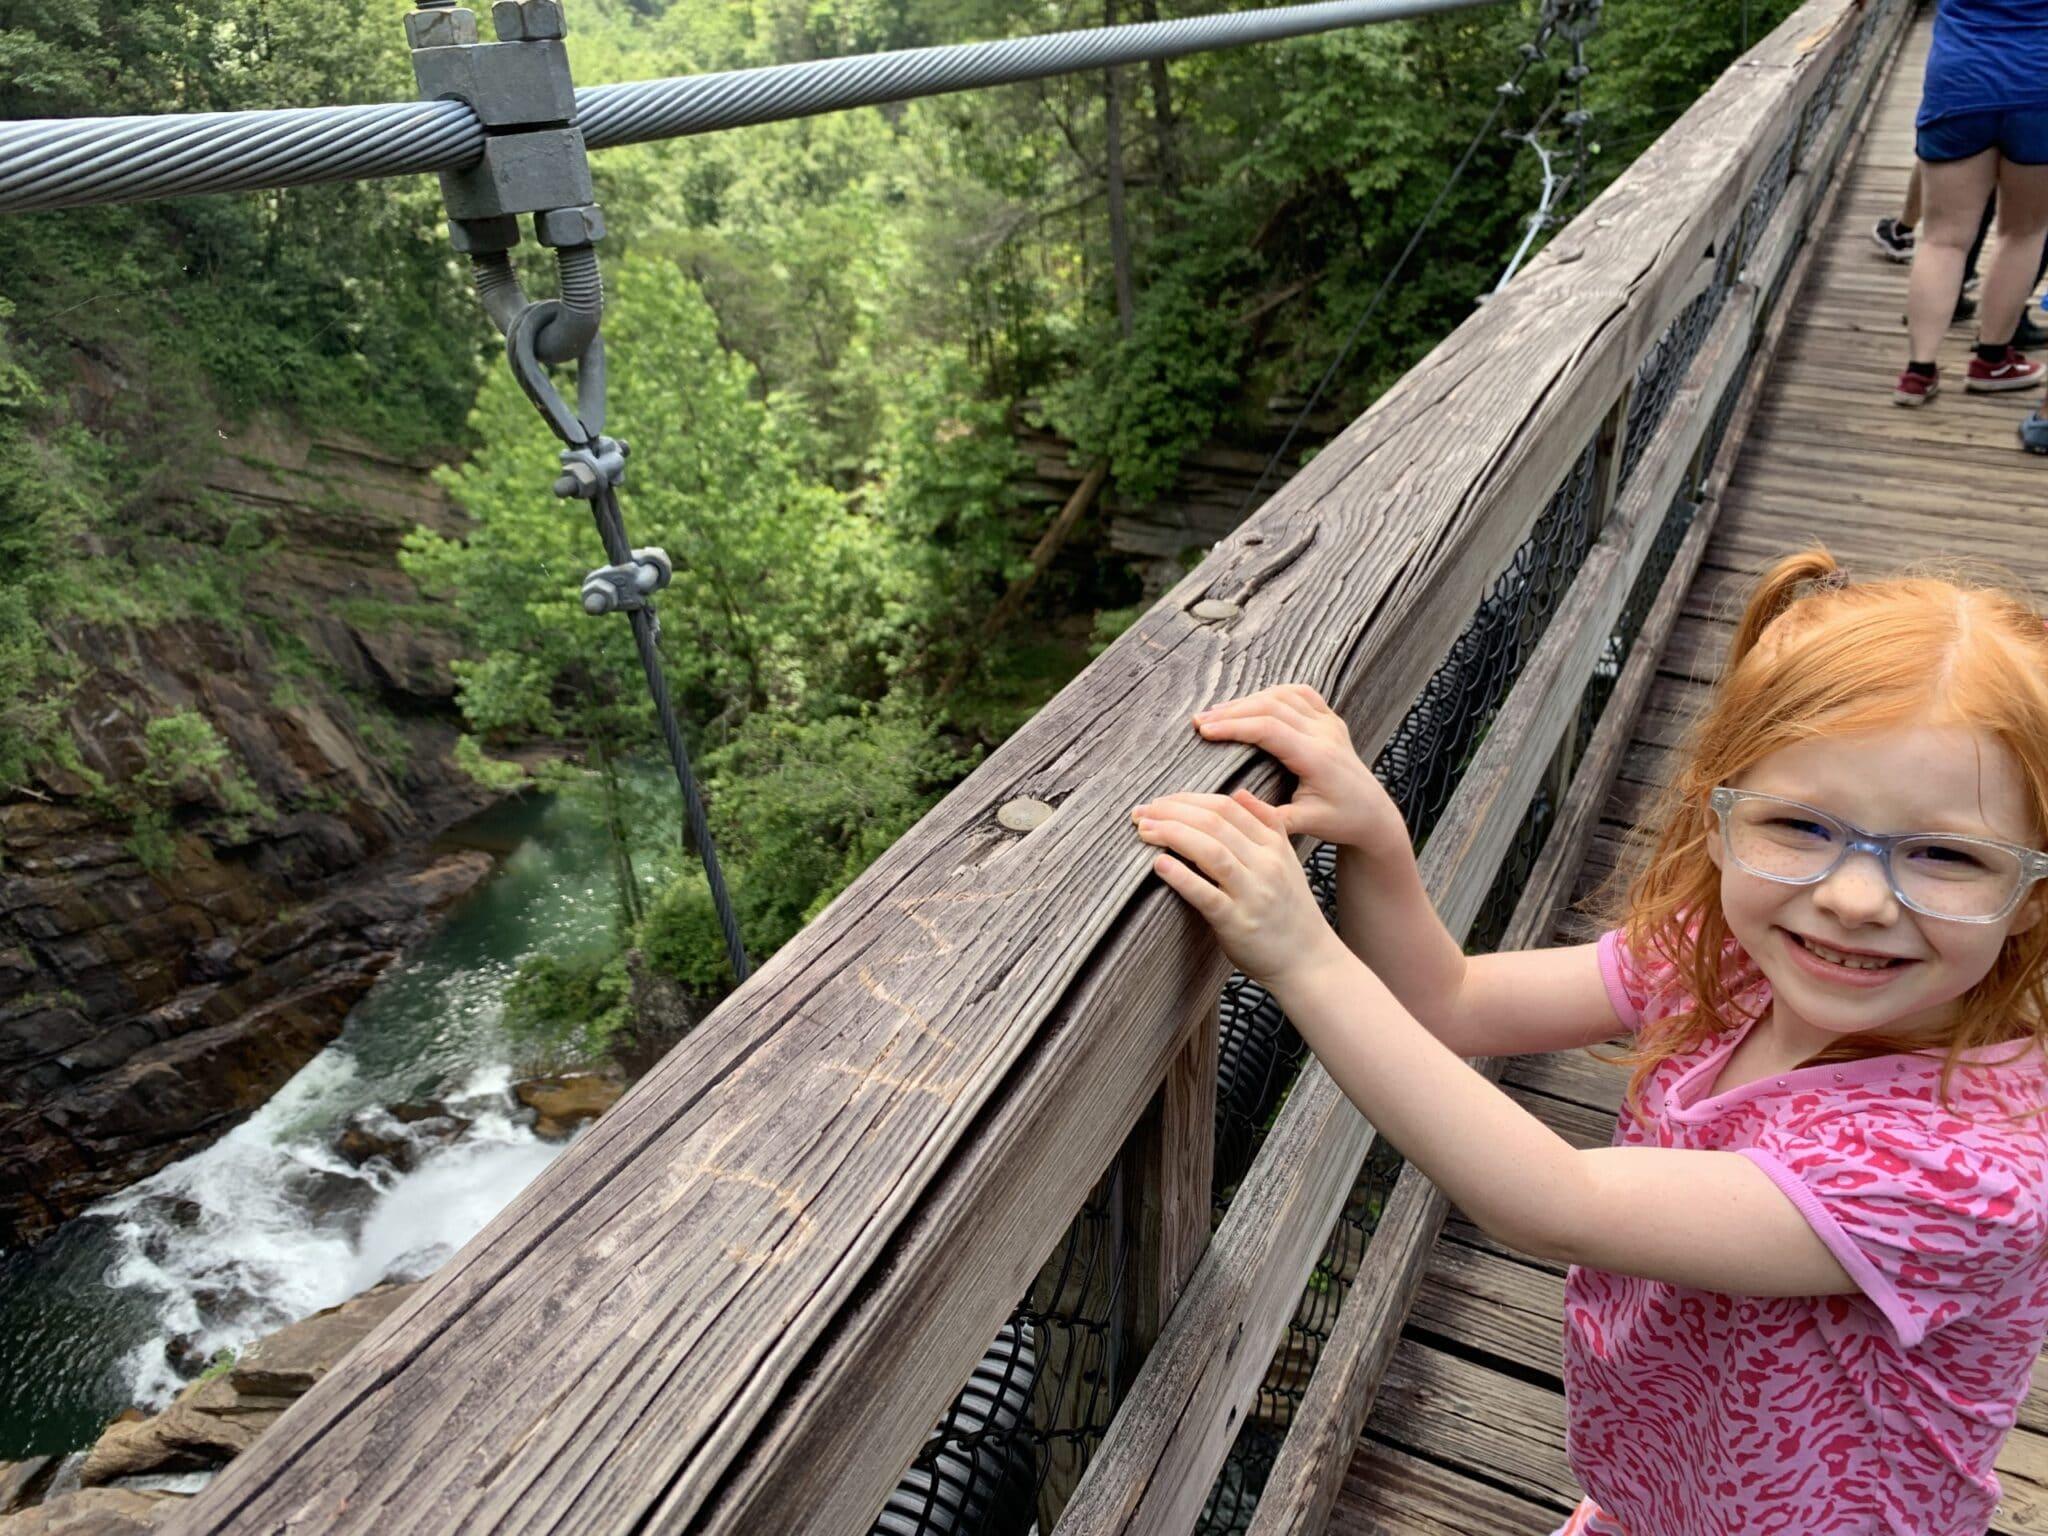 The suspension bridge at Tallulah Gorge